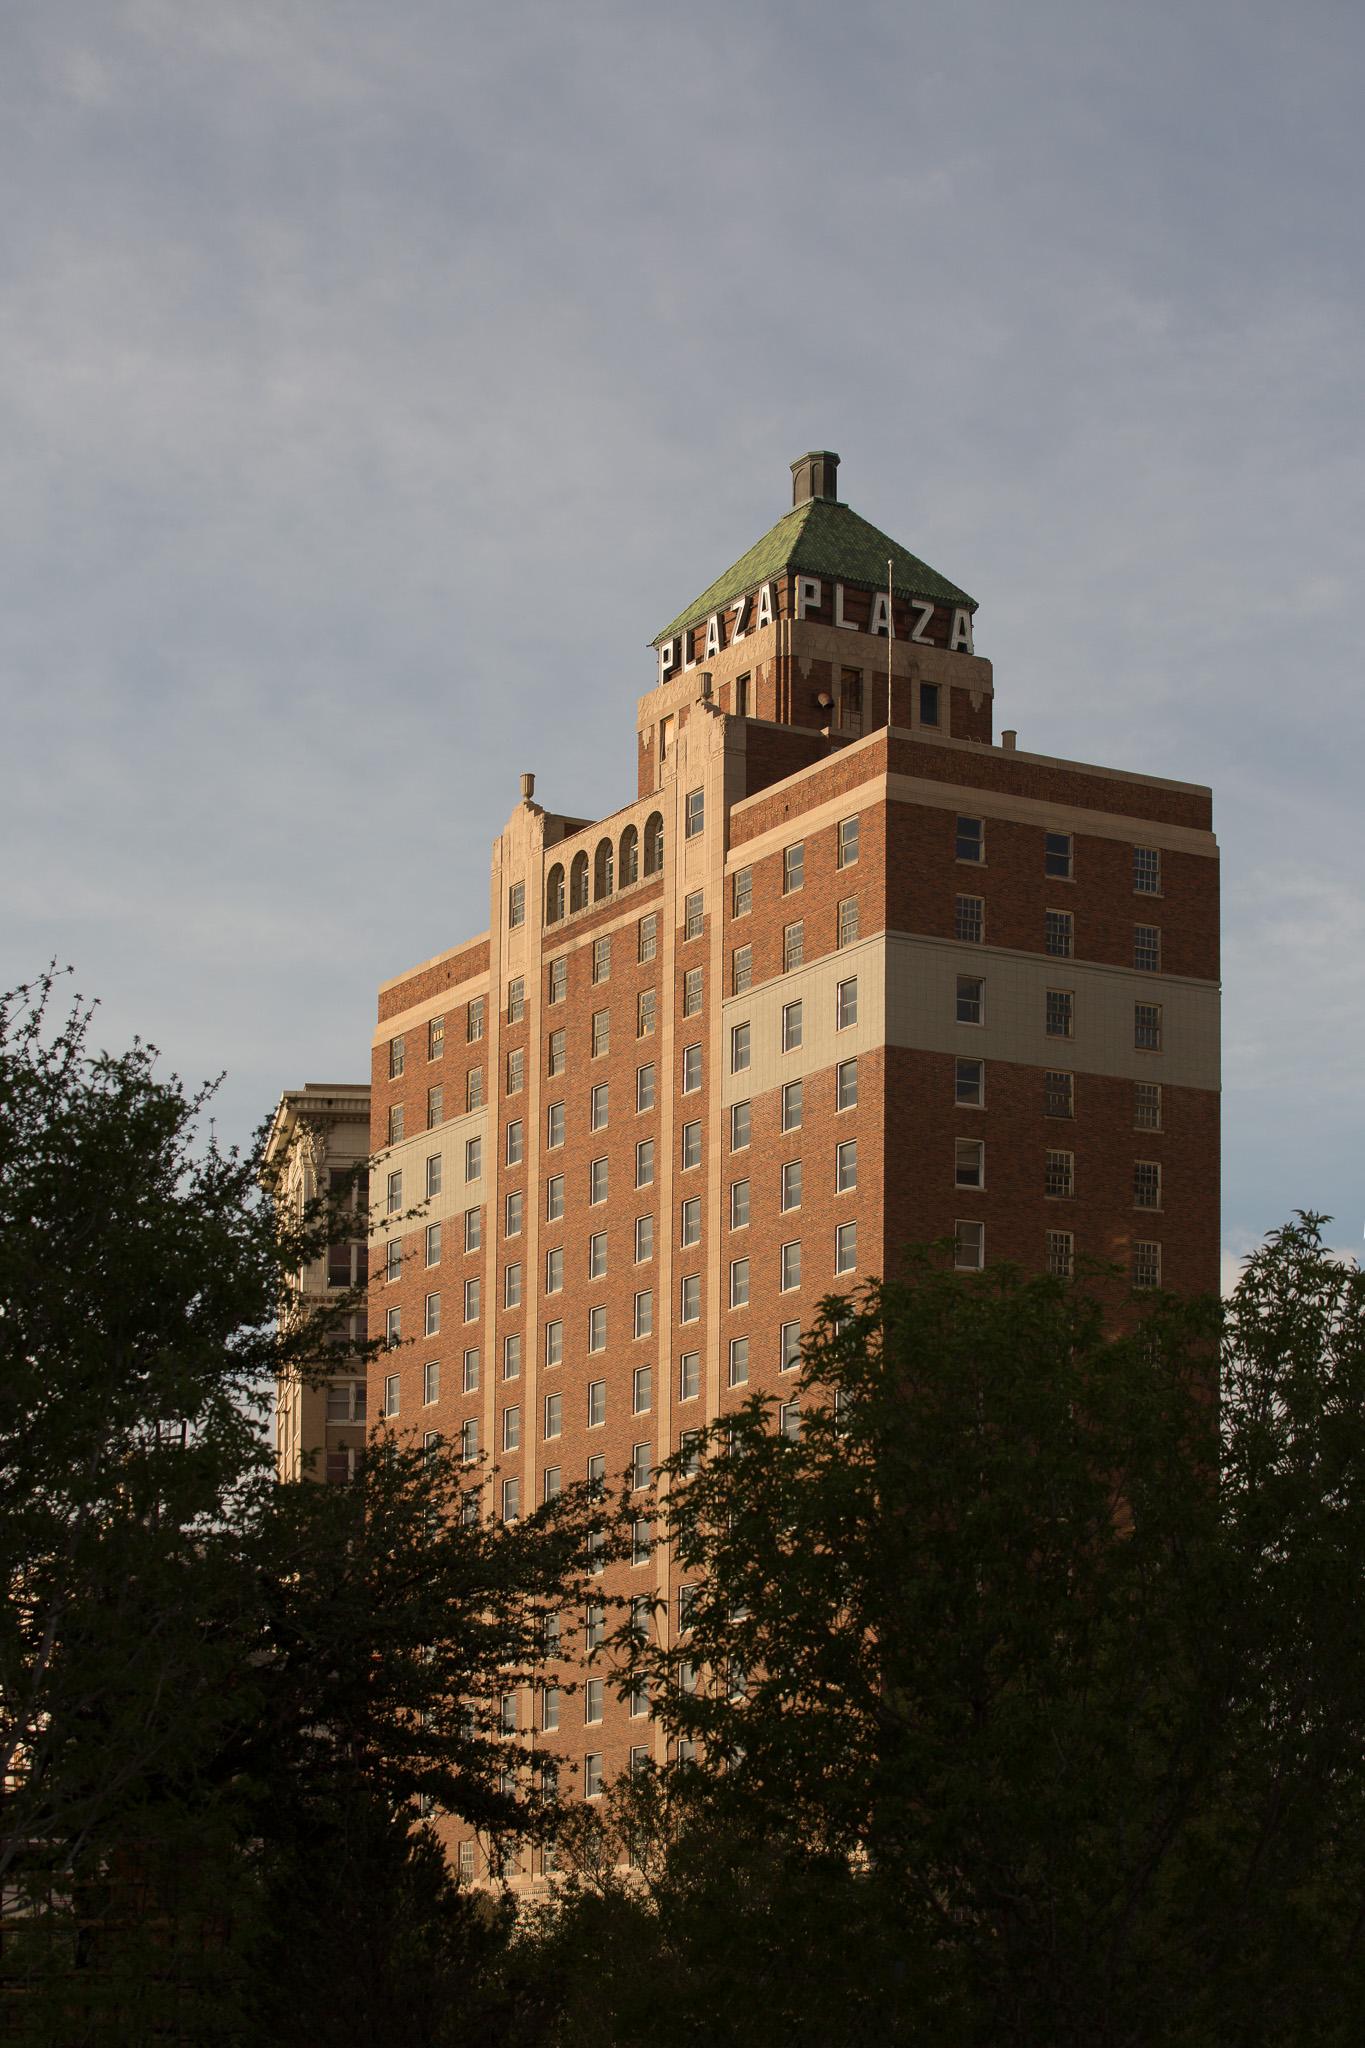 Plaza Hotel - El Paso